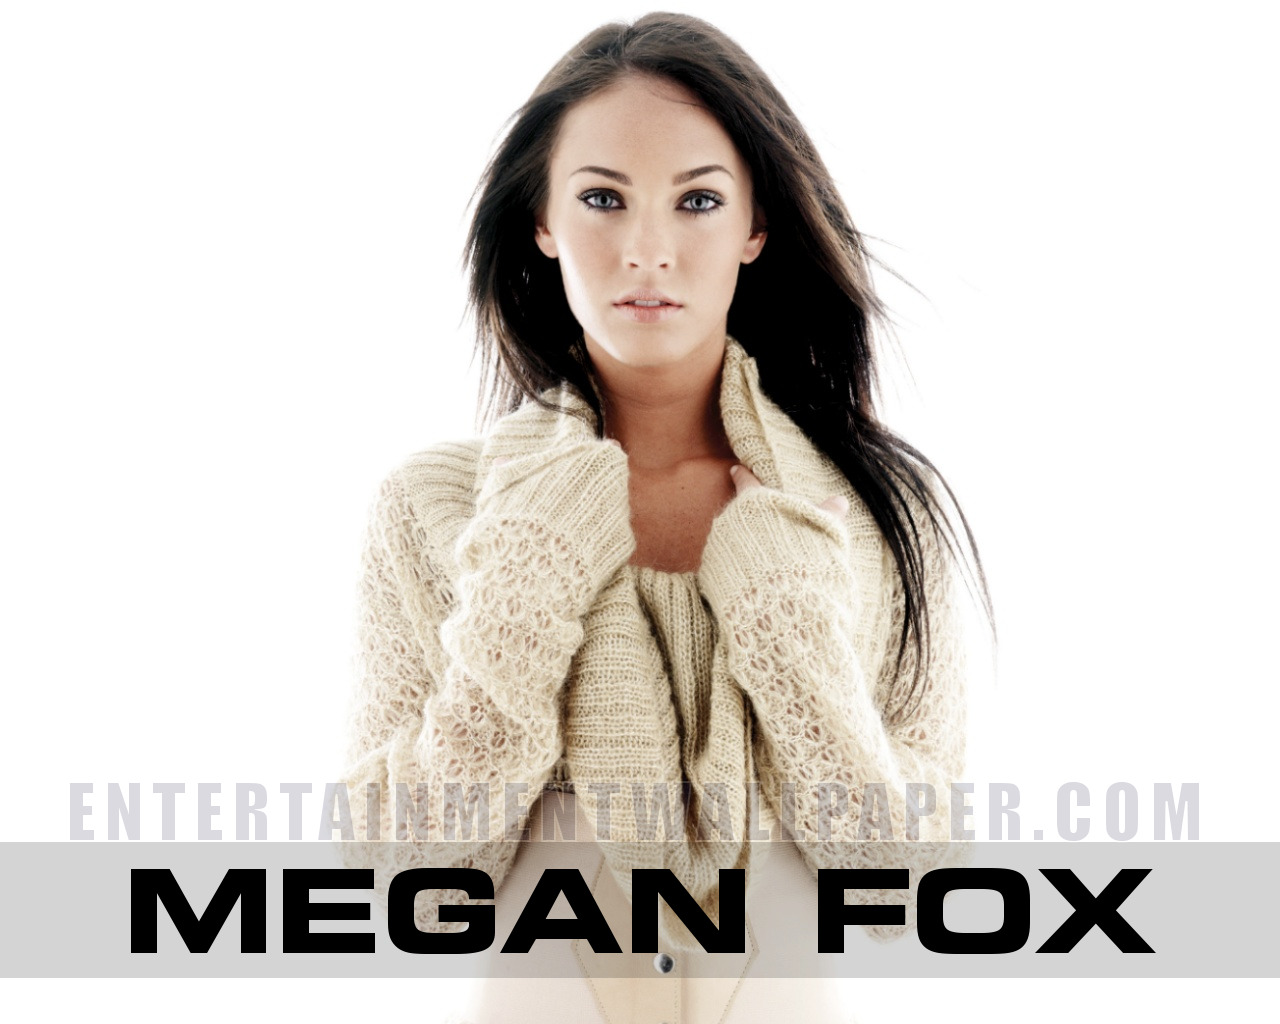 megan fox wallpaper 60017894 size 1280x1024 more megan fox wallpaper 1280x1024